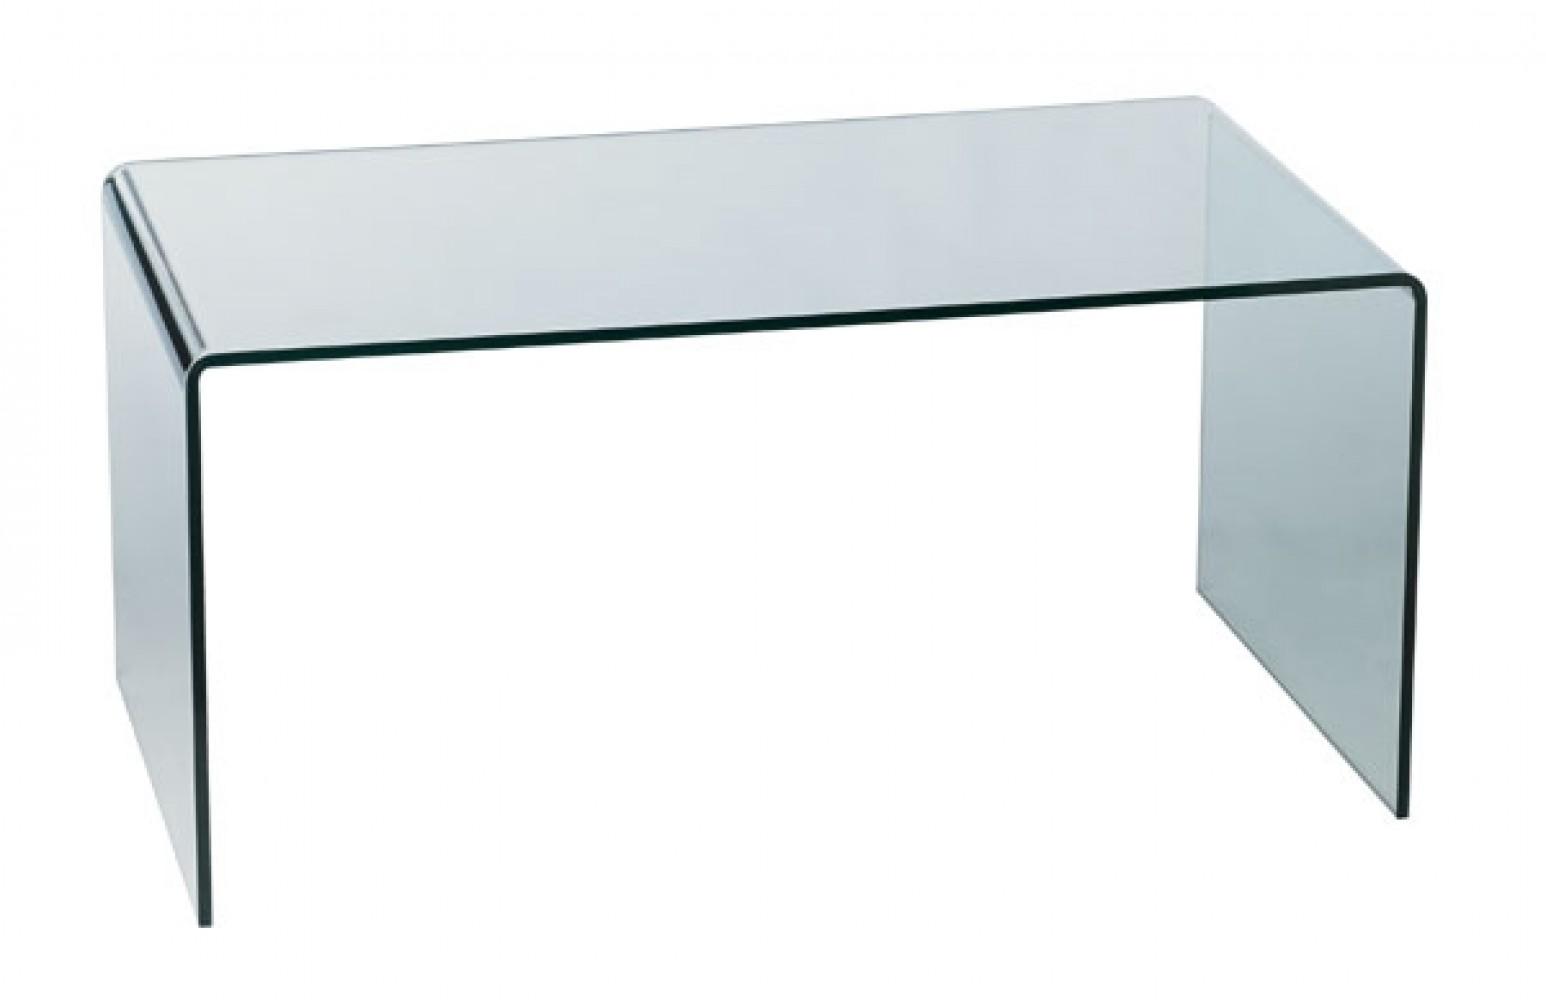 Table basse en verre trempé L.120